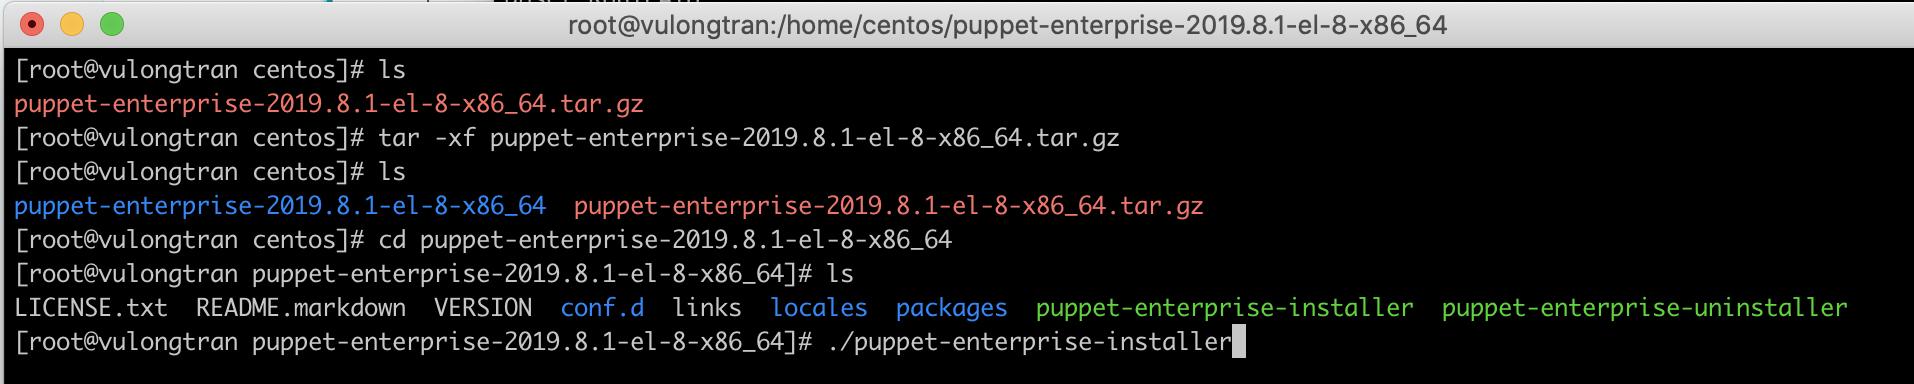 run-puppet-enterprise-installer-centos